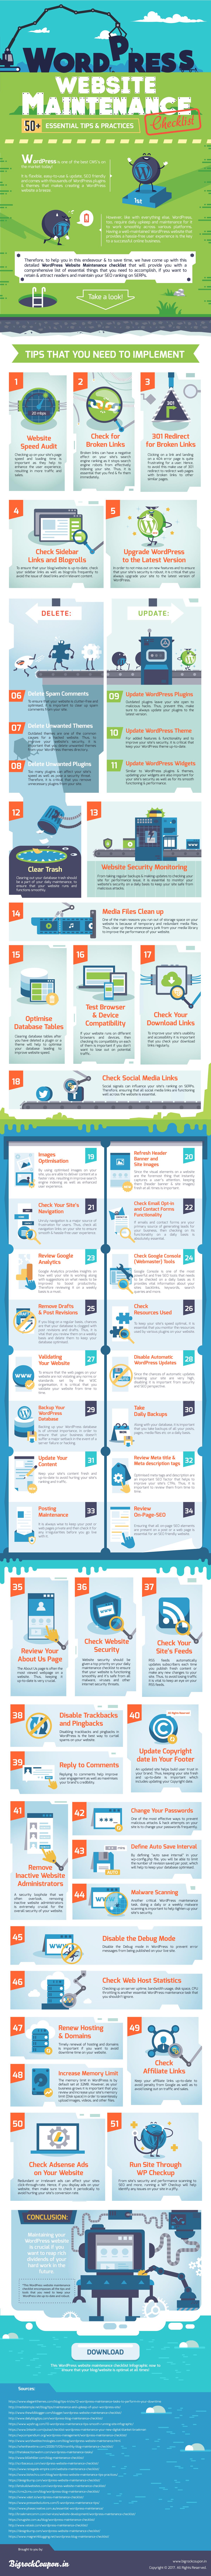 WordPress Website Maintenance Checklist Infographic